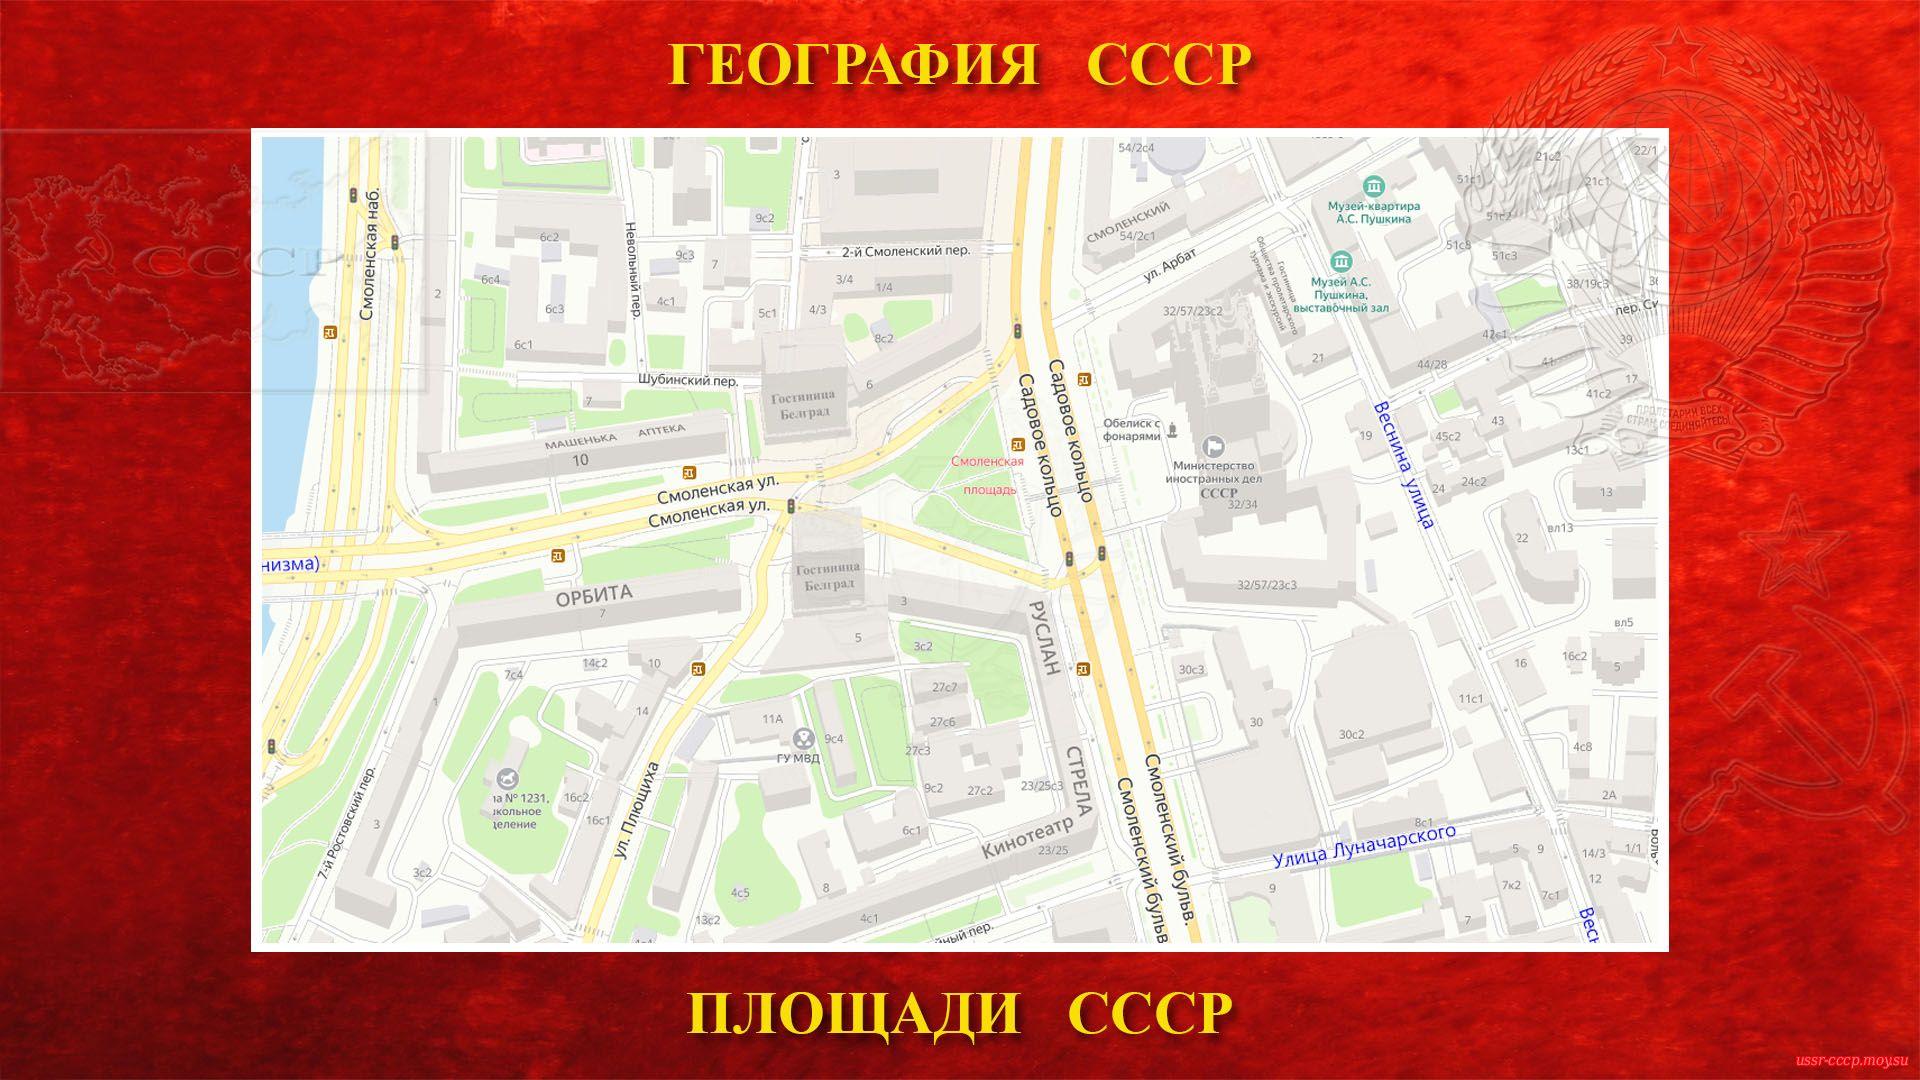 Смоленская площадь — Площадь в центре Москвы (повествование)